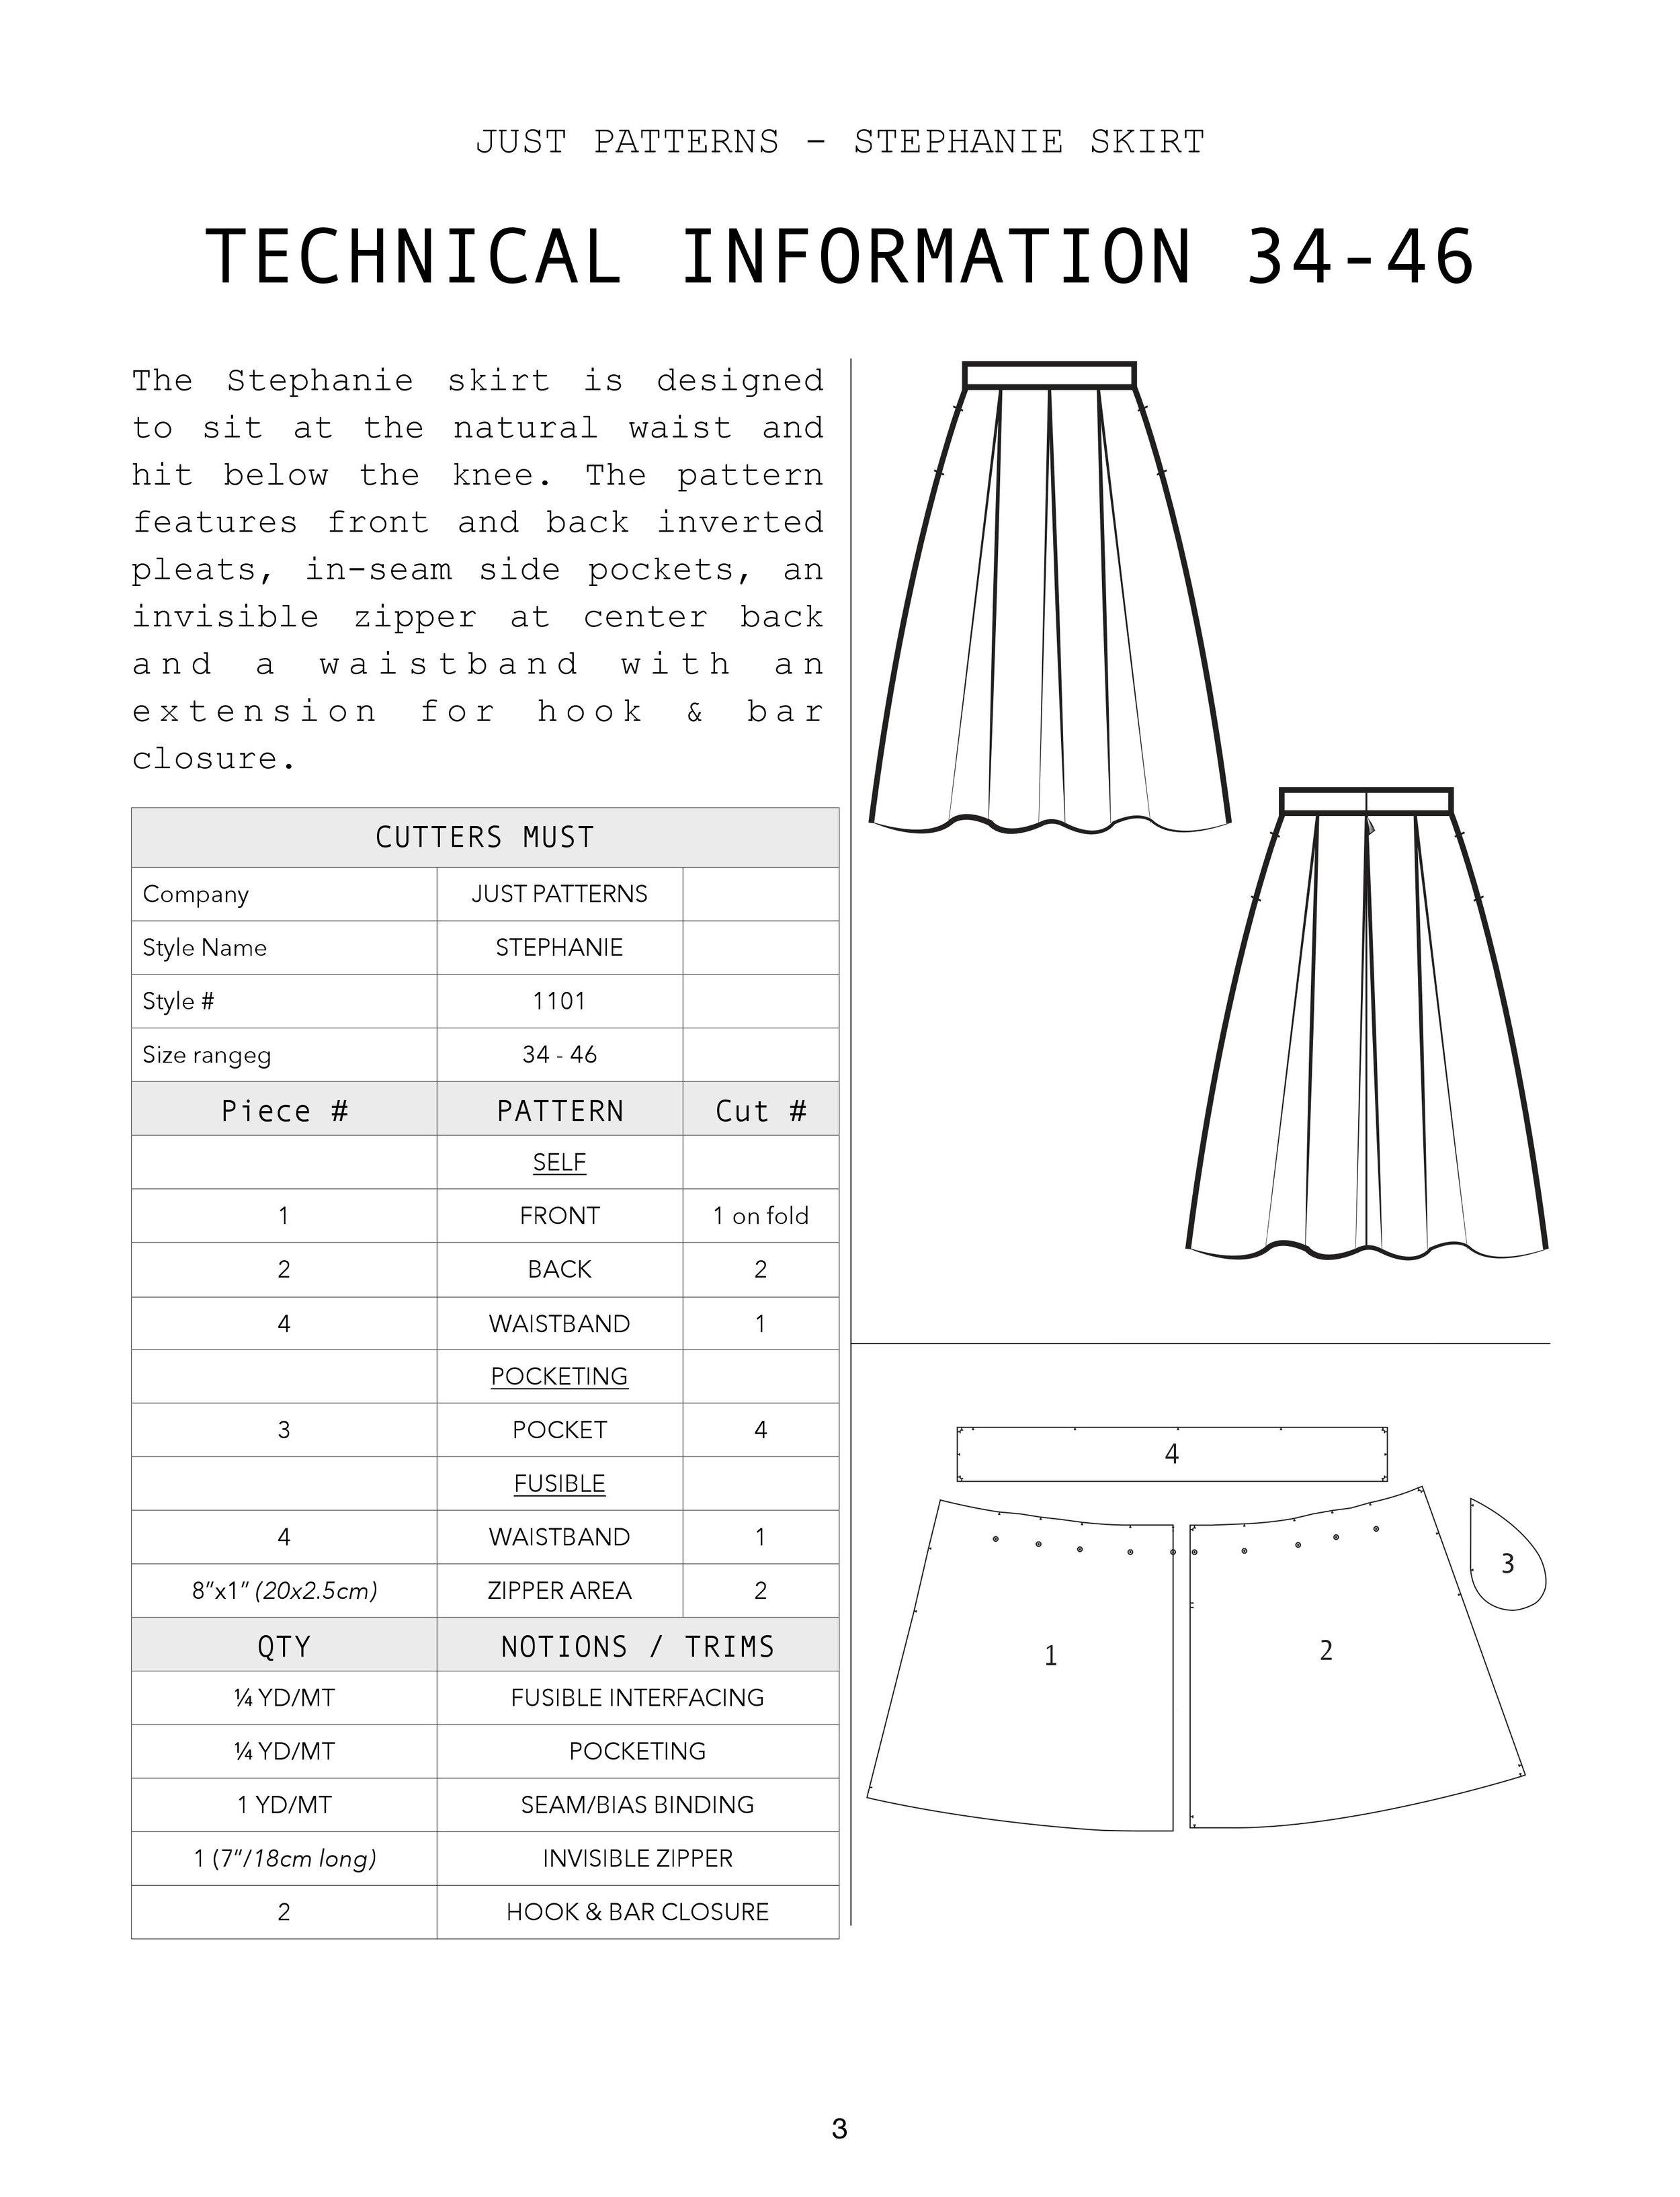 Stephanie Skirt Cutter's must 34 46